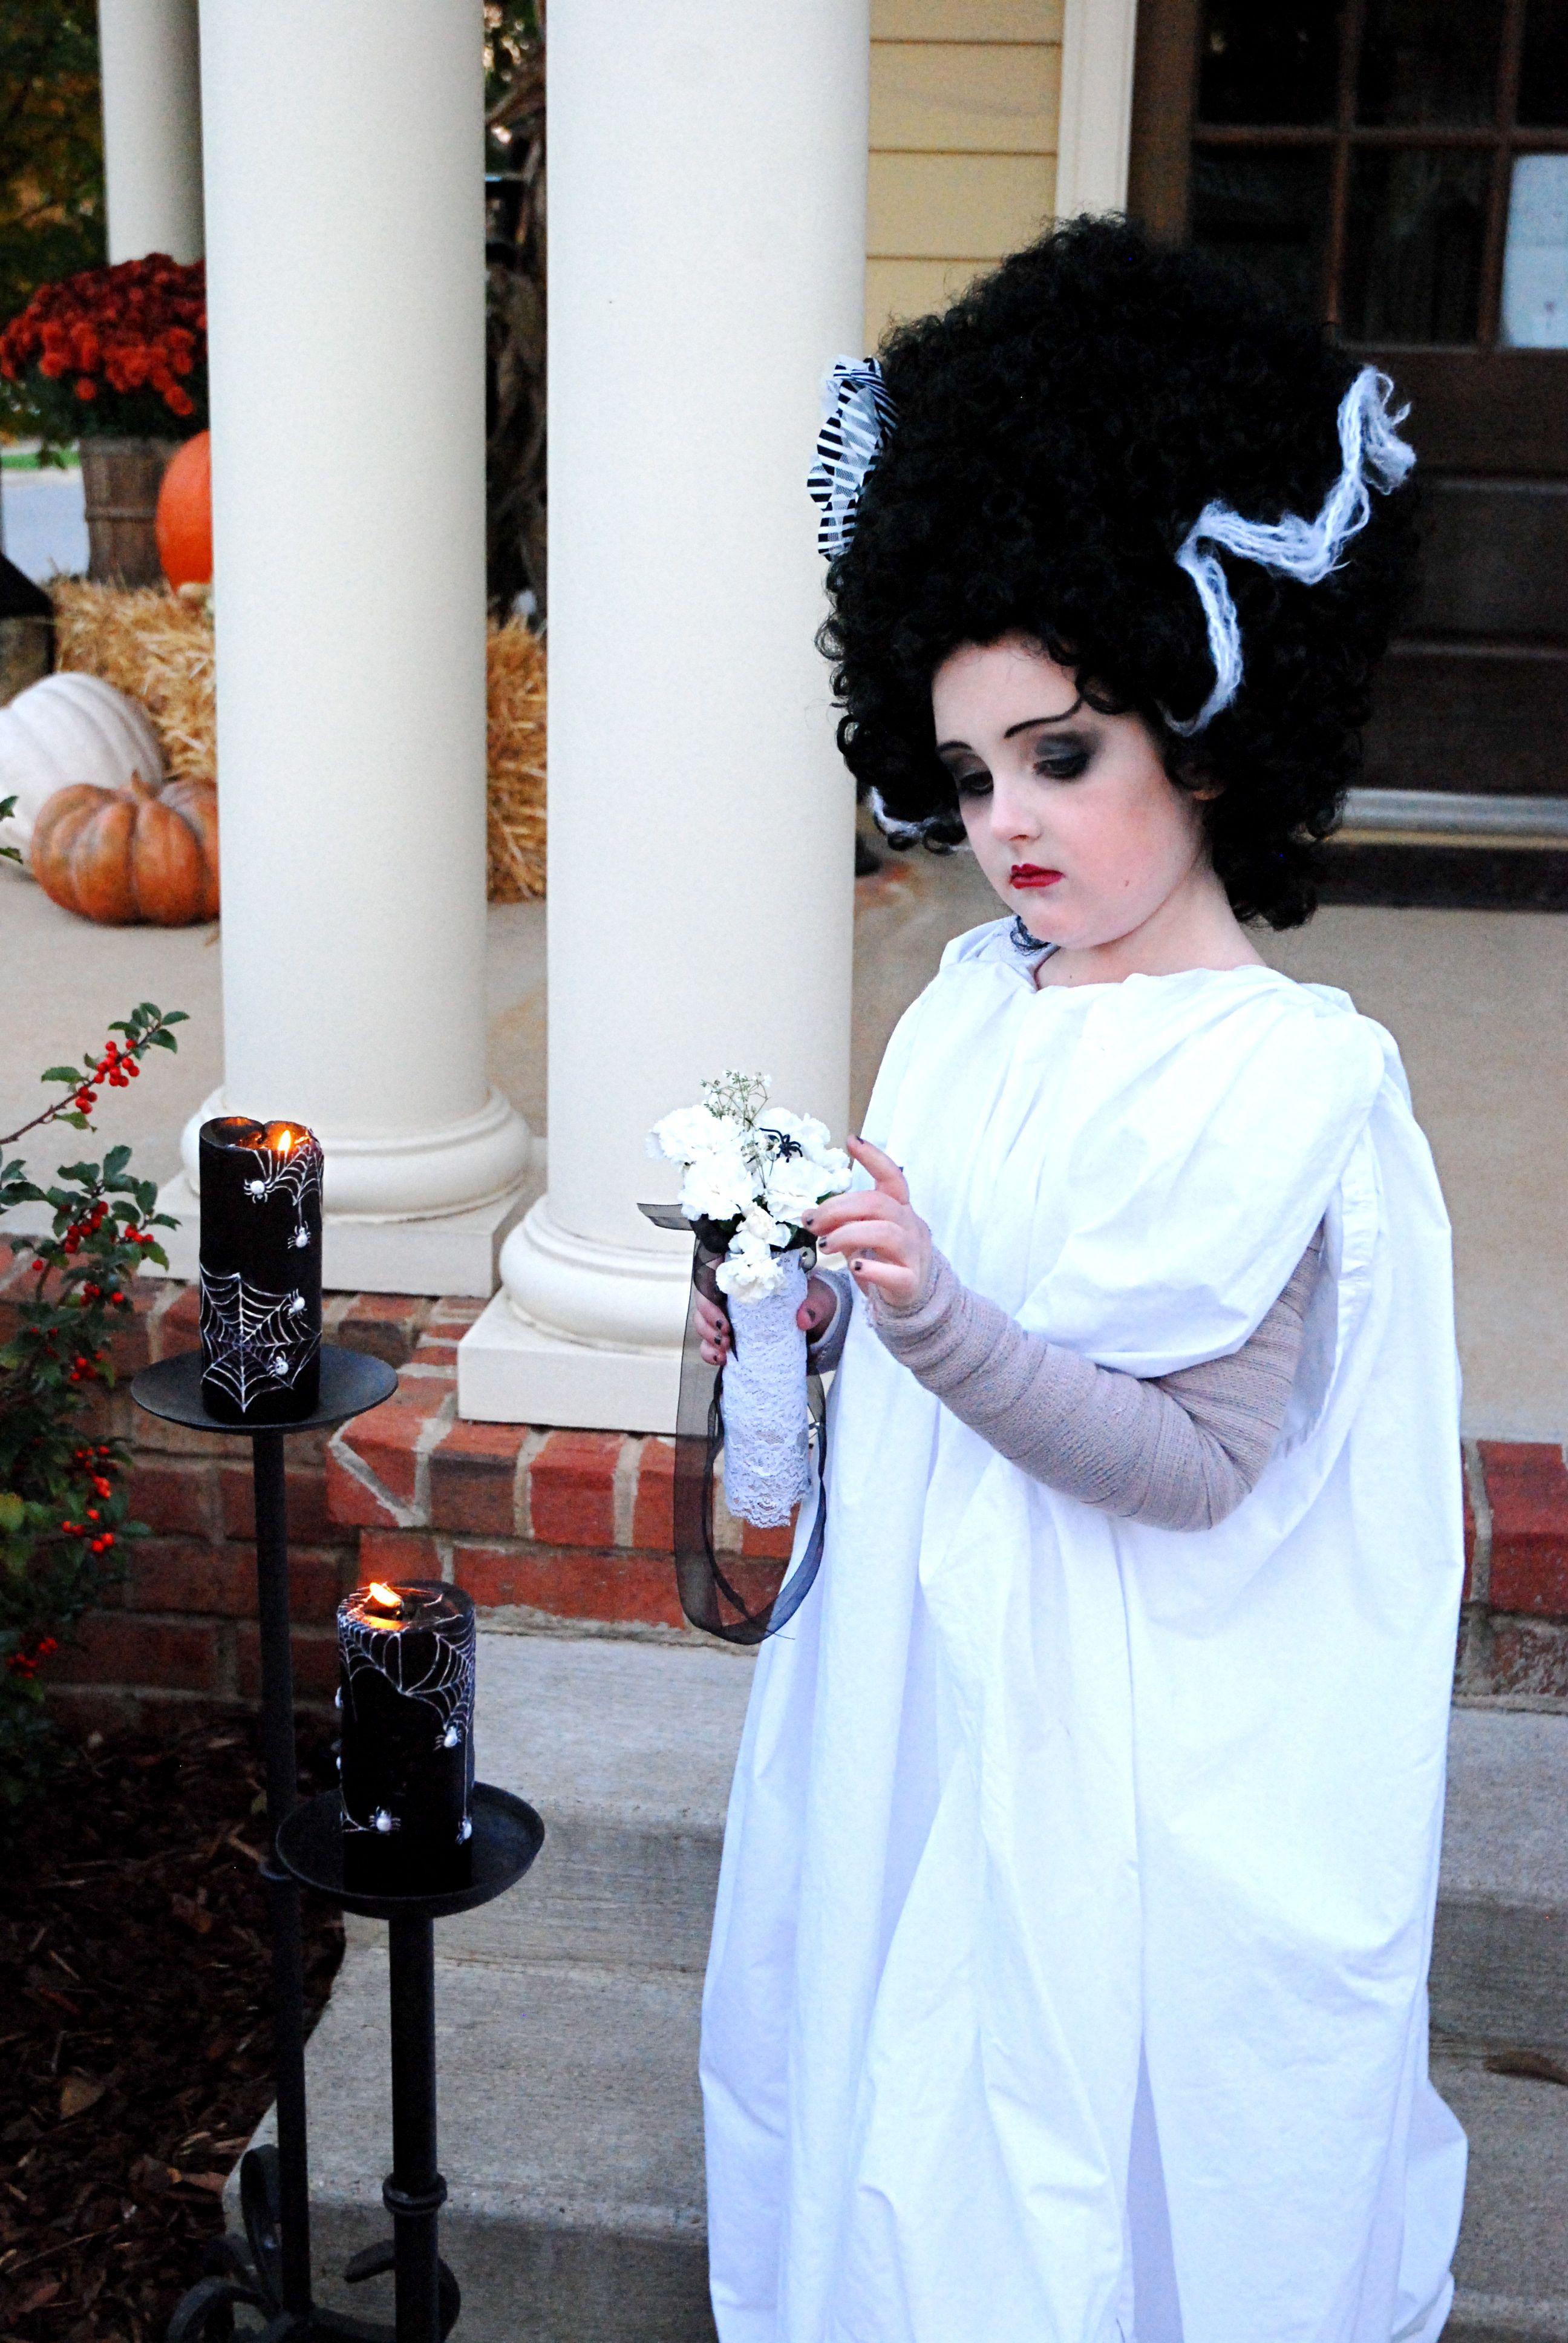 Dyi Martha Stewart Costume Bride Of Frankenstein Bride Of Frankenstein Costume Frankenstein Costume Diy Toddler Frankenstein Costume